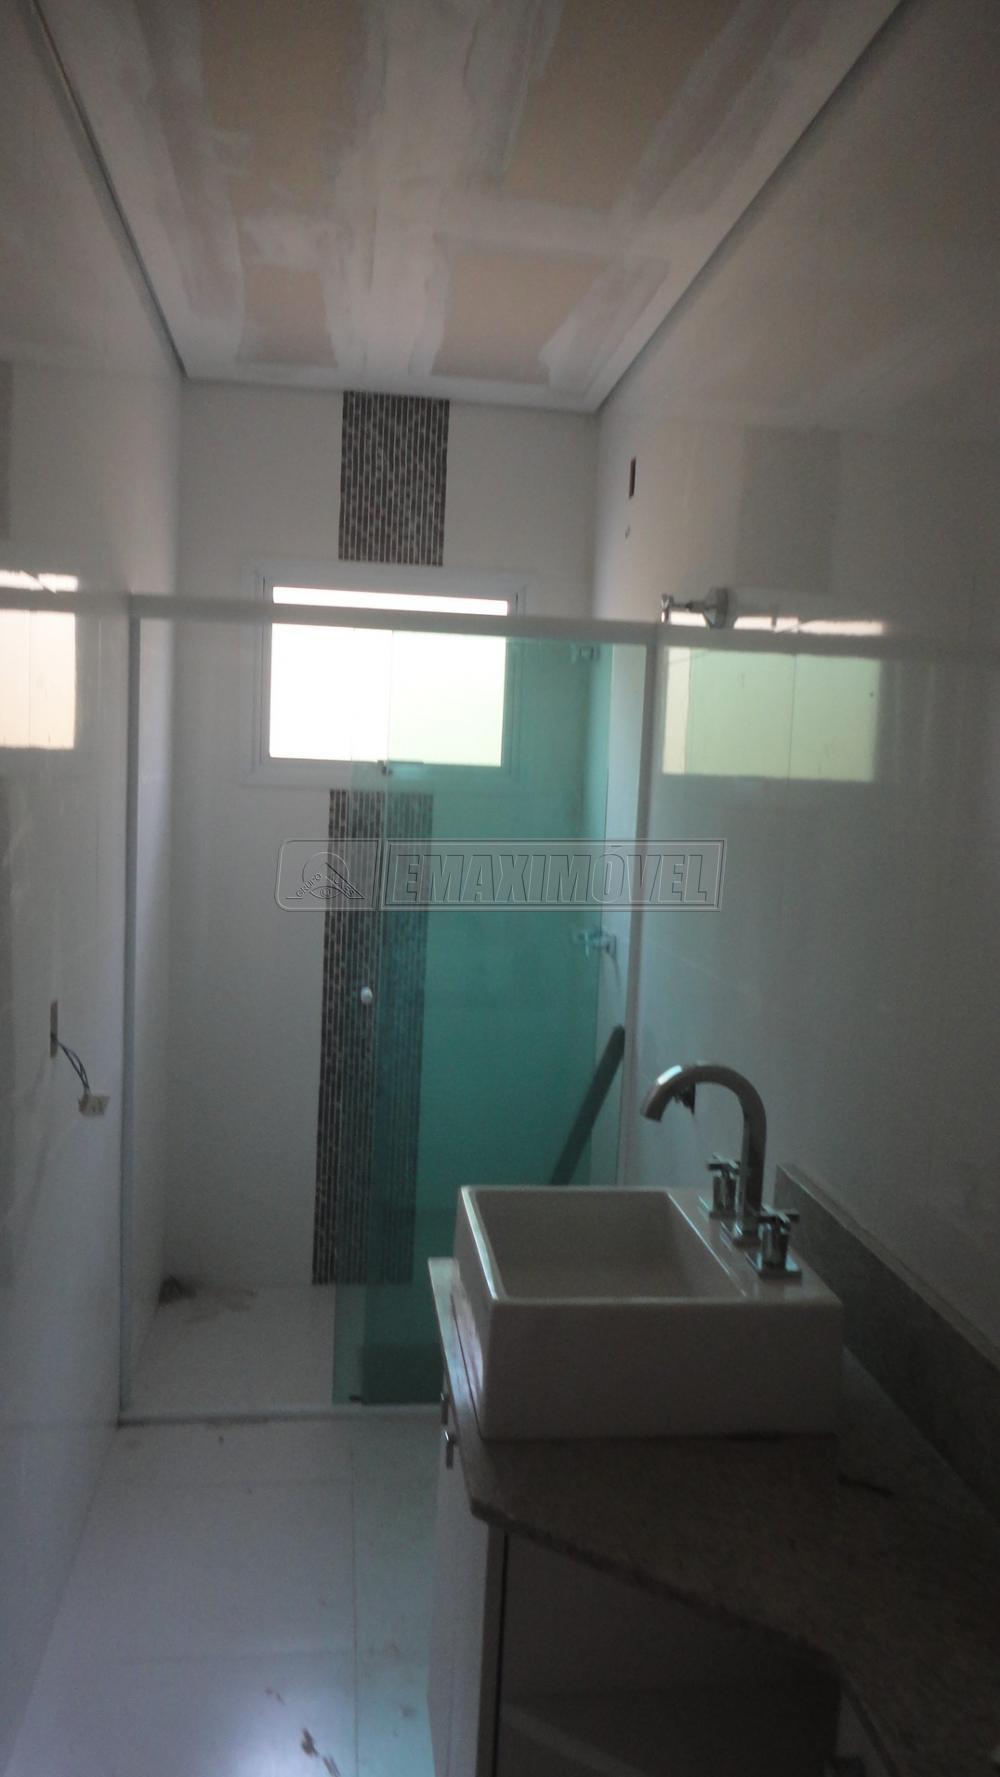 Comprar Casas / em Condomínios em Sorocaba apenas R$ 900.000,00 - Foto 15